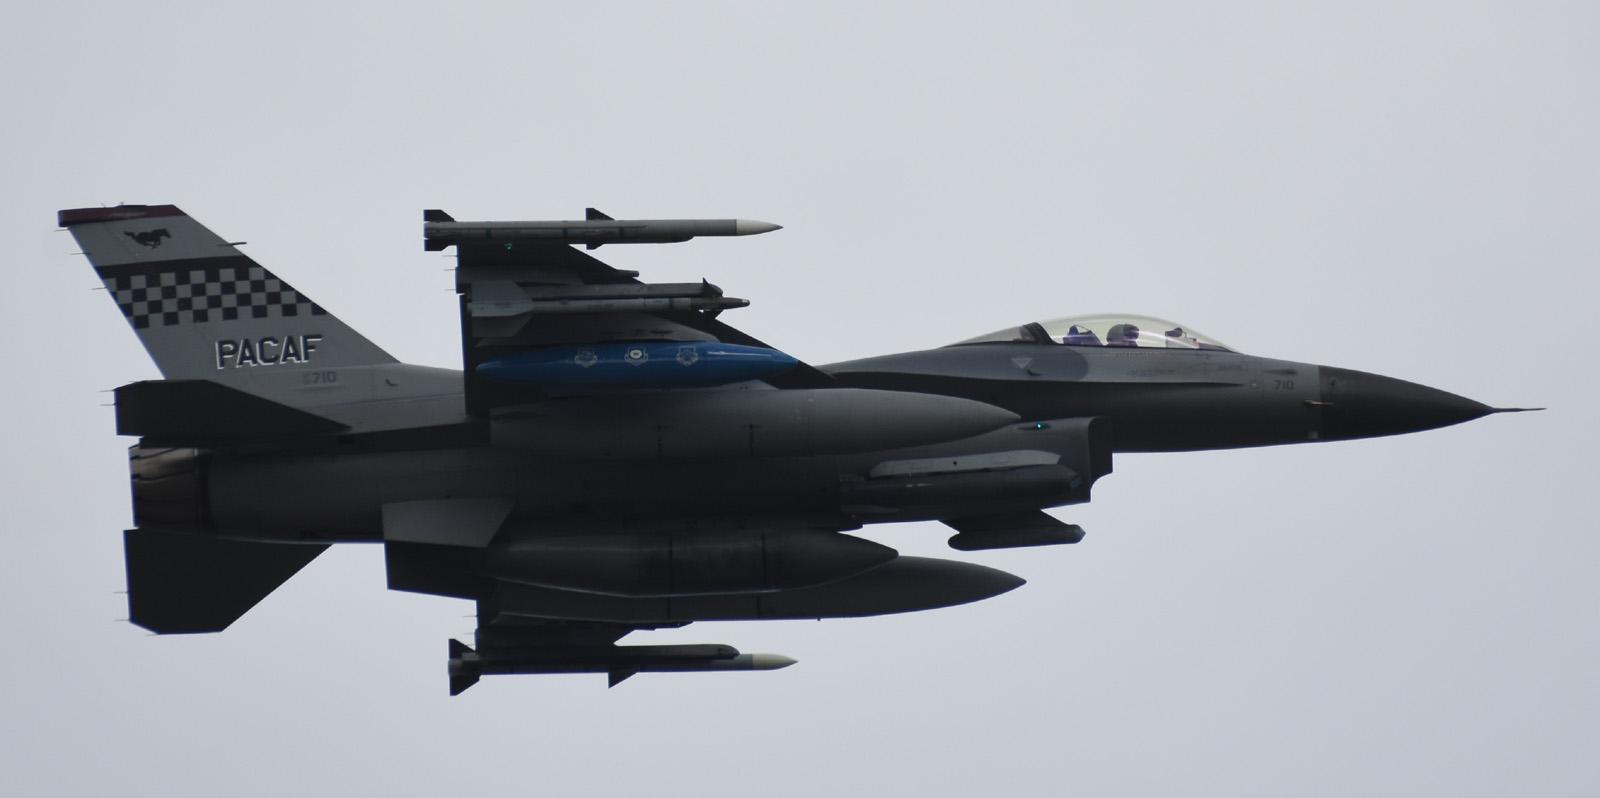 F16cm170604g401